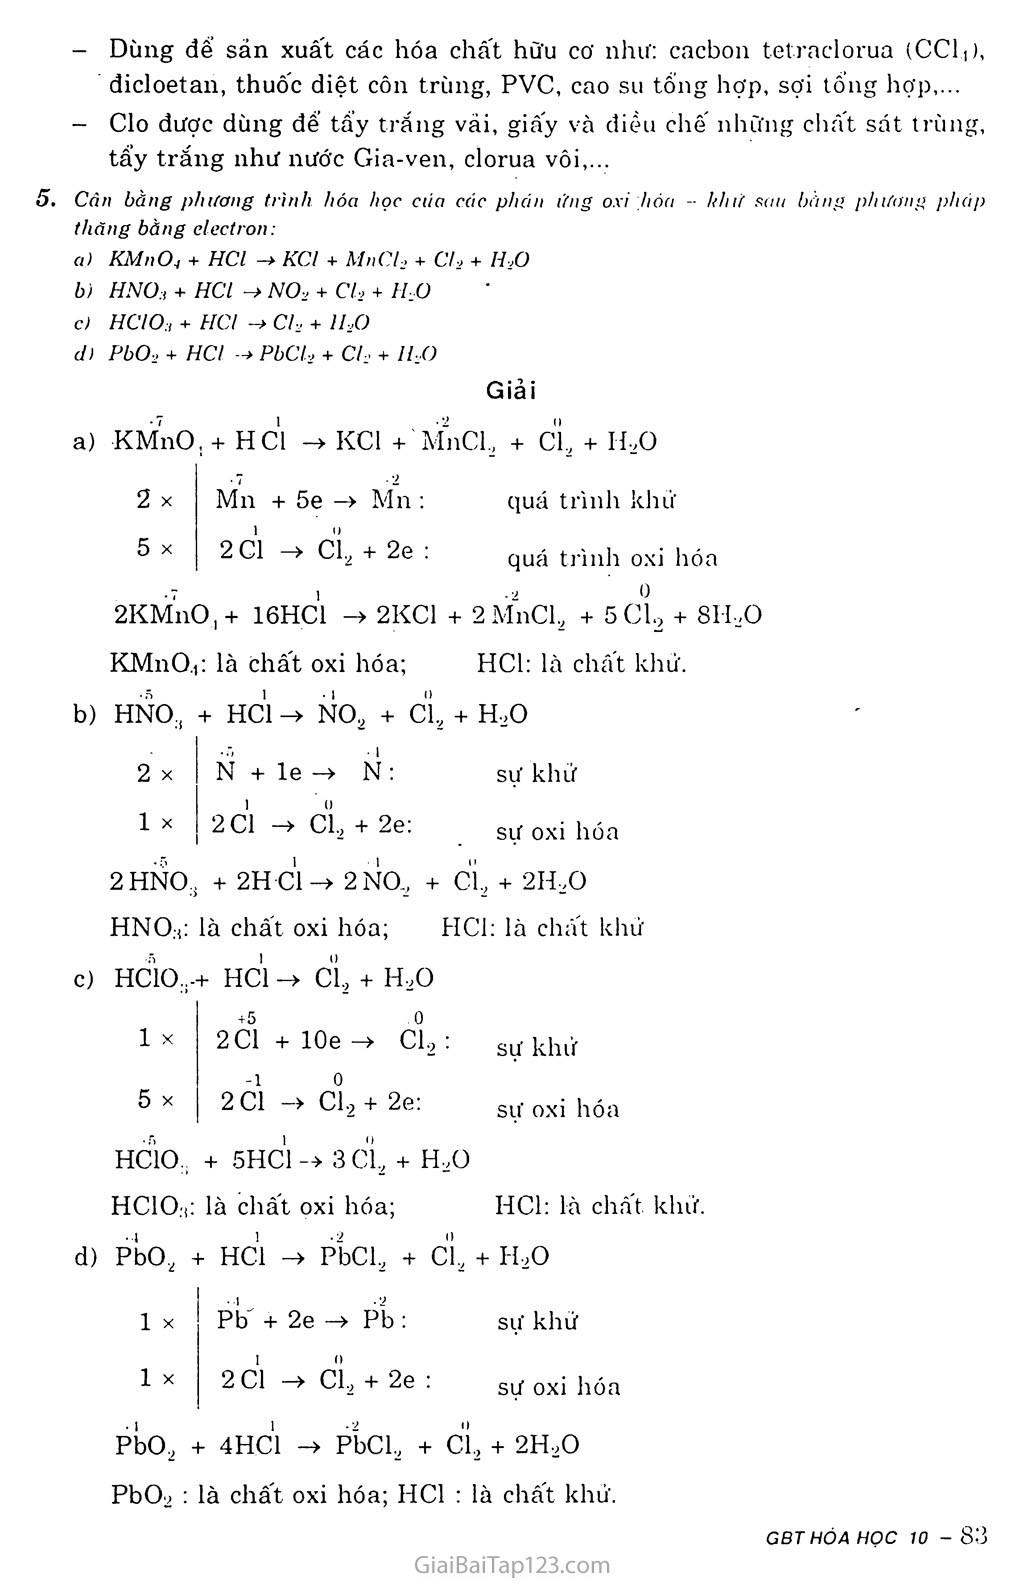 Bài 22: Clo trang 4